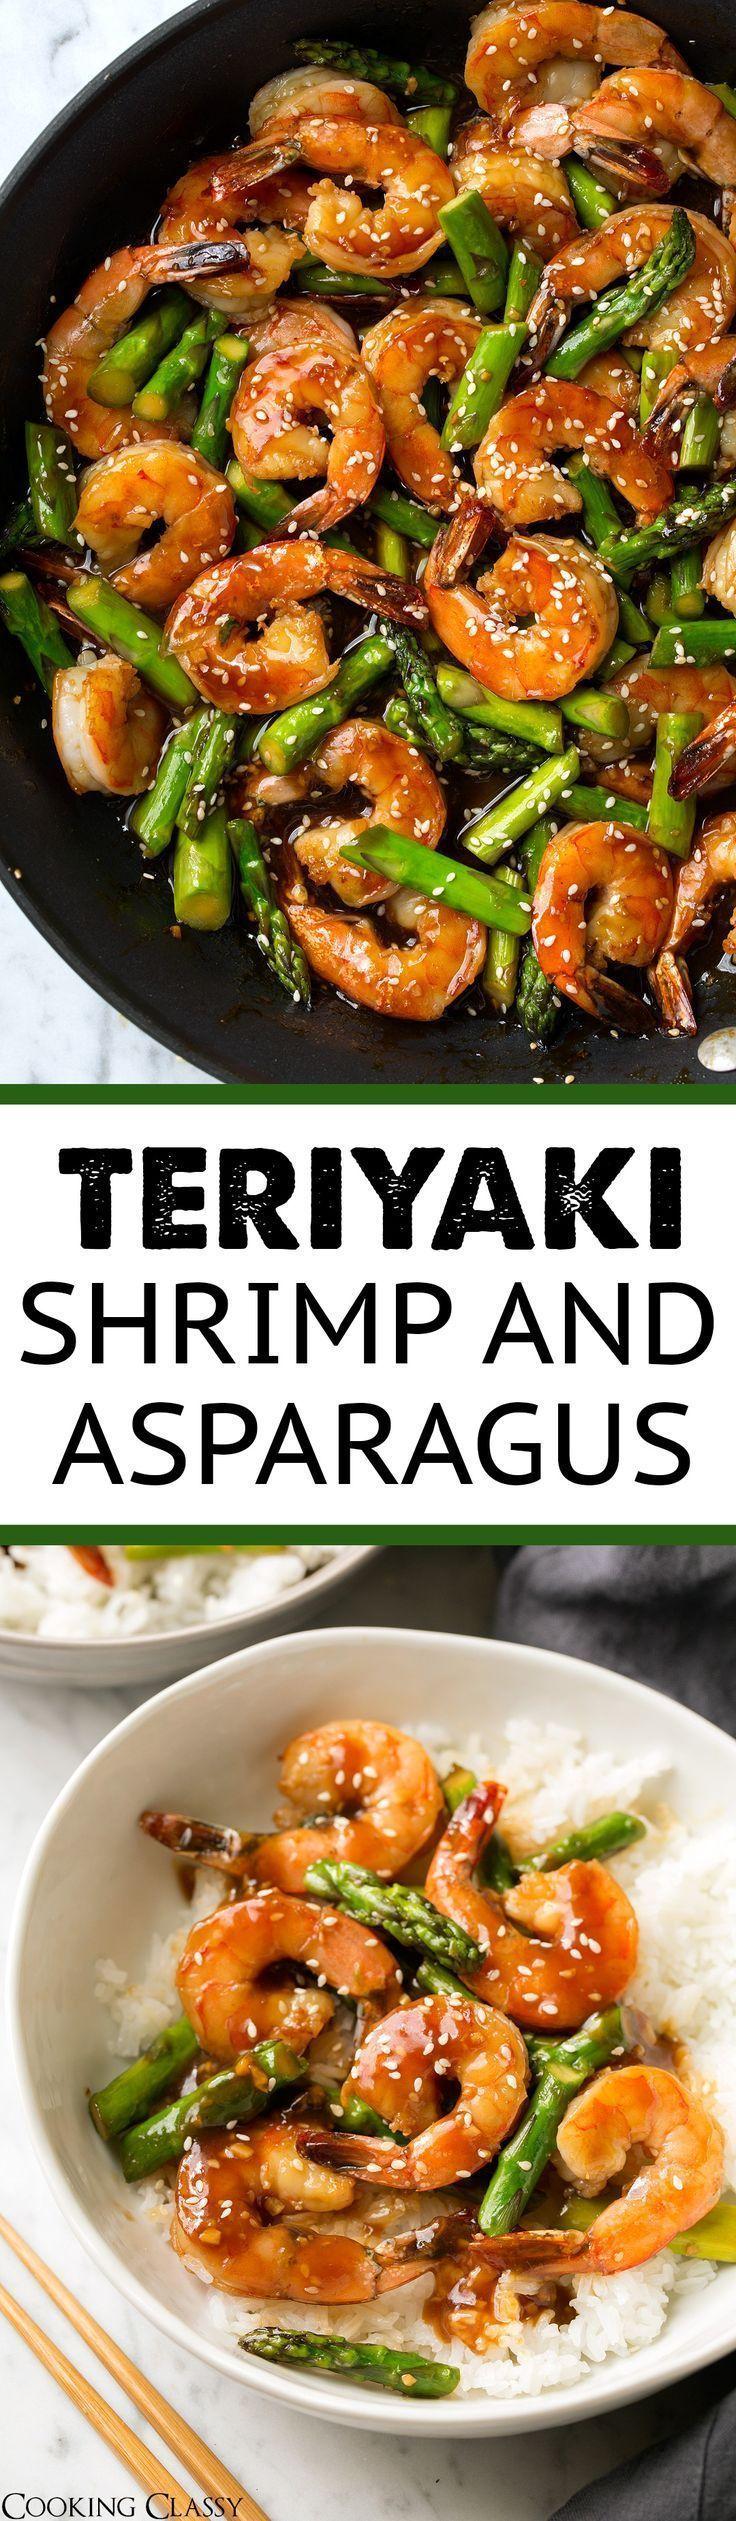 Teriyaki Shrimp and Asparagus - Cooking Classy